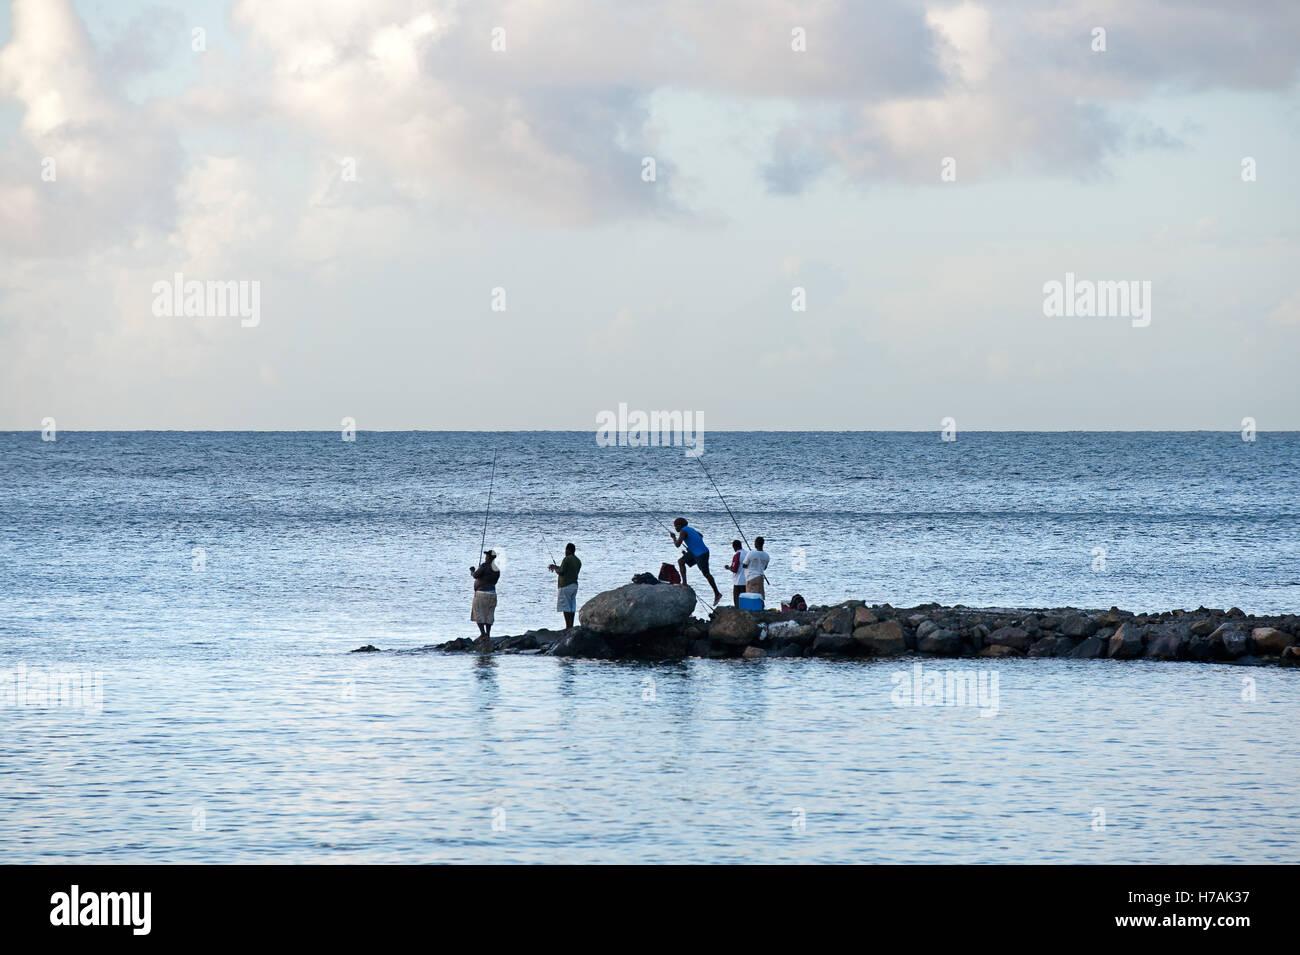 Les tiges de support avec les pêcheurs sur promontoire à St Lucia avec vue sur mer à l'horizon. Photo Stock